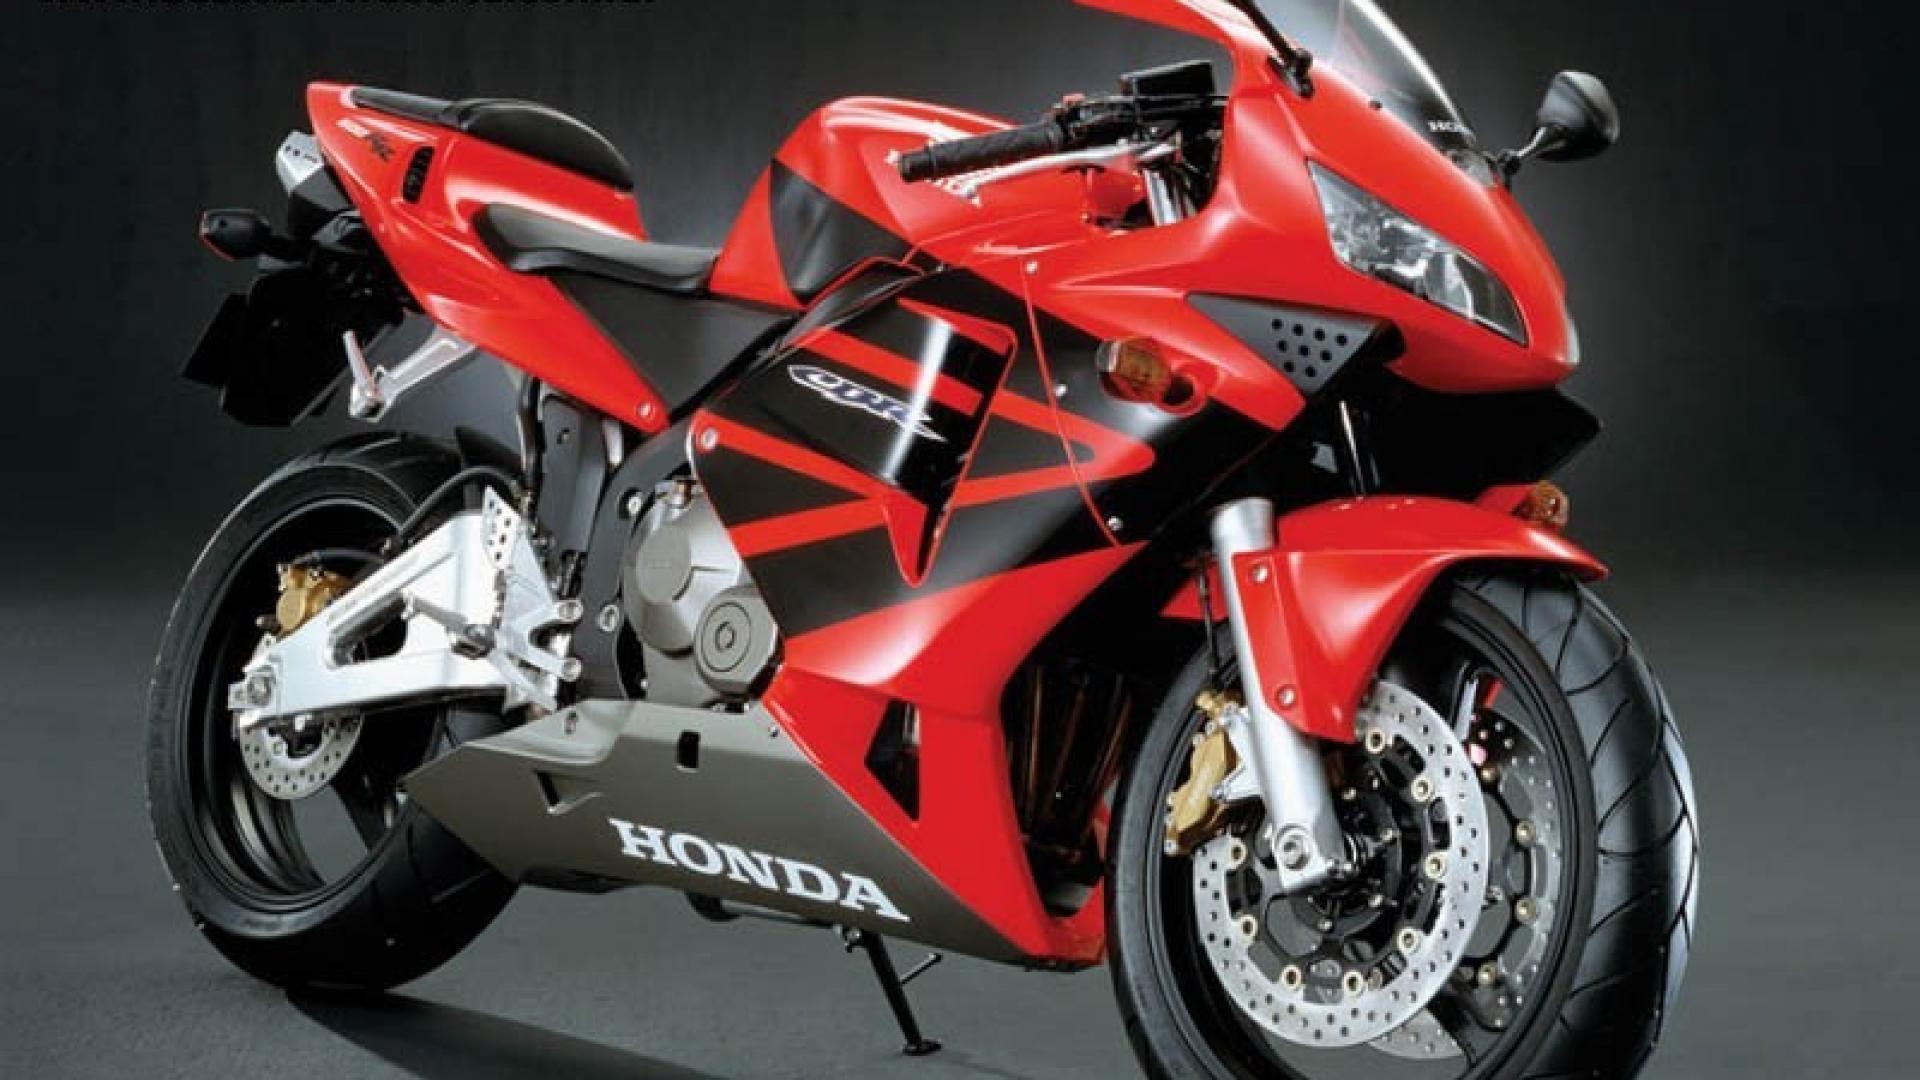 Bon Honda Motorbikes Cbr Cbr600rr 600 Wallpaper   (119445)